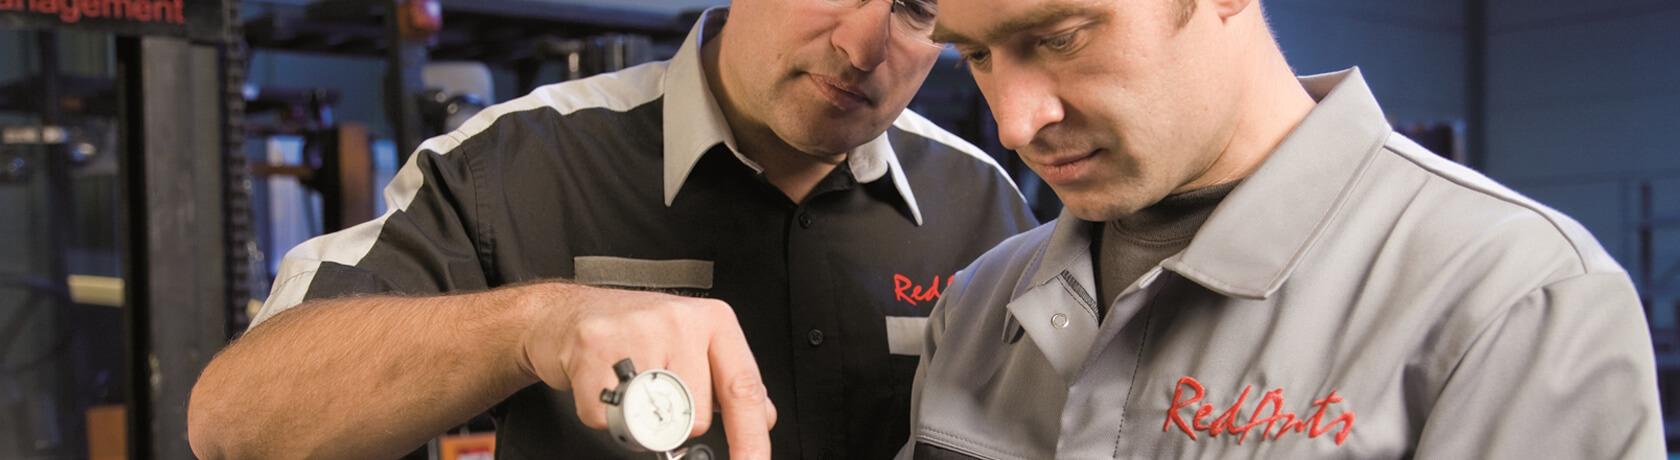 RedAnts Mitarbeiter Kontrolle und Prüfung